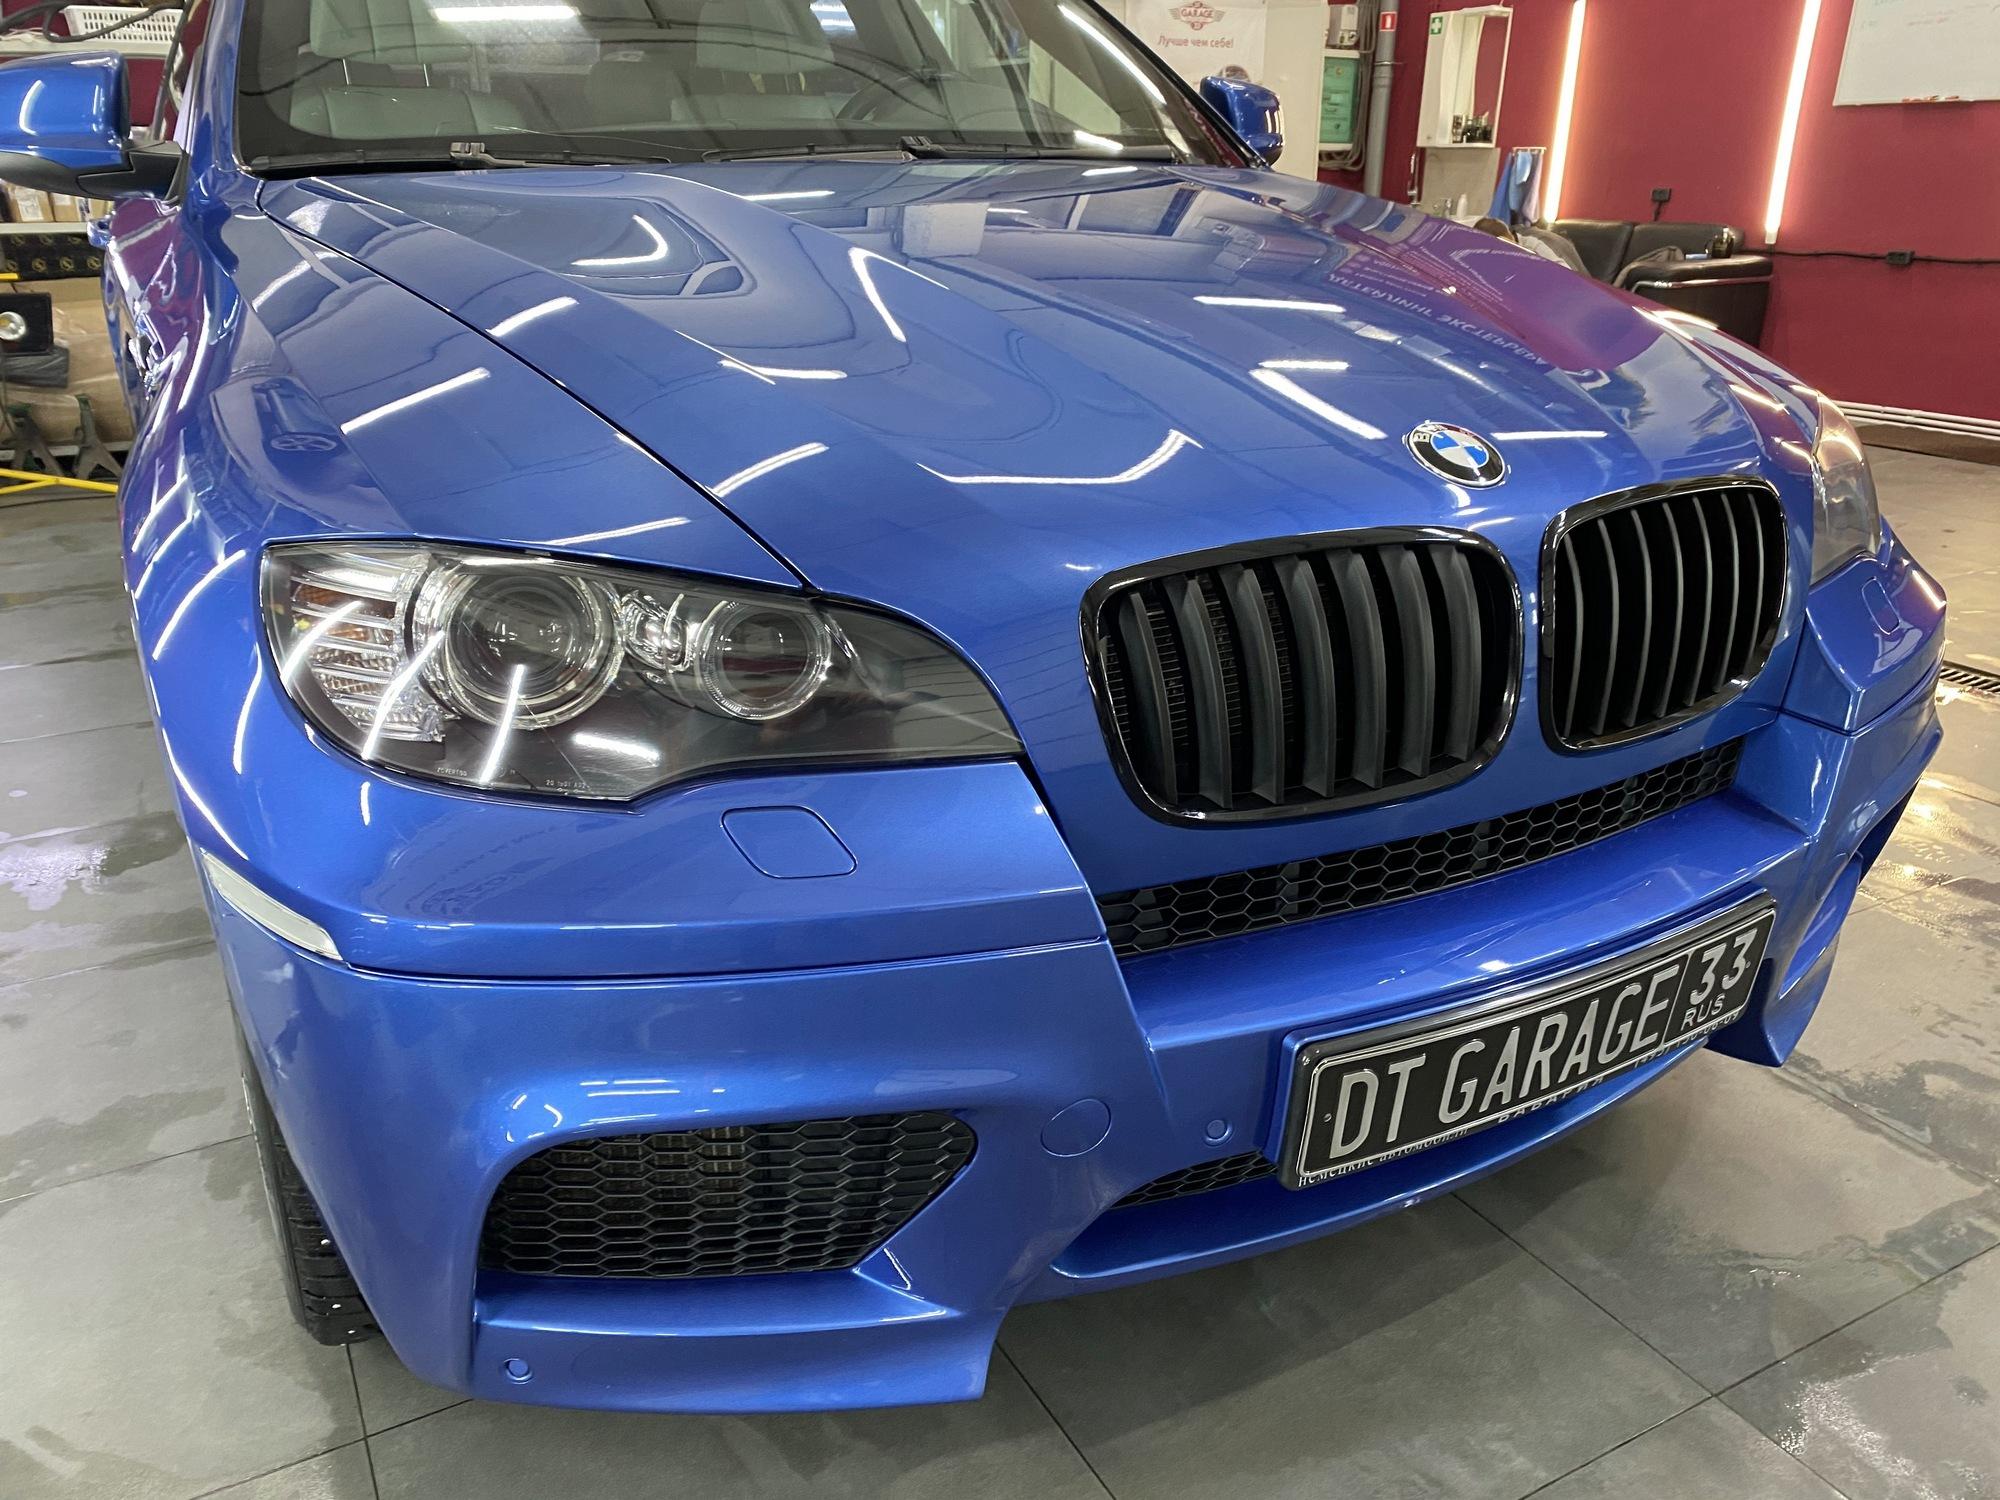 На фото автомобиль BMW после полировки и обработки профессиональным гидрофобным составом.